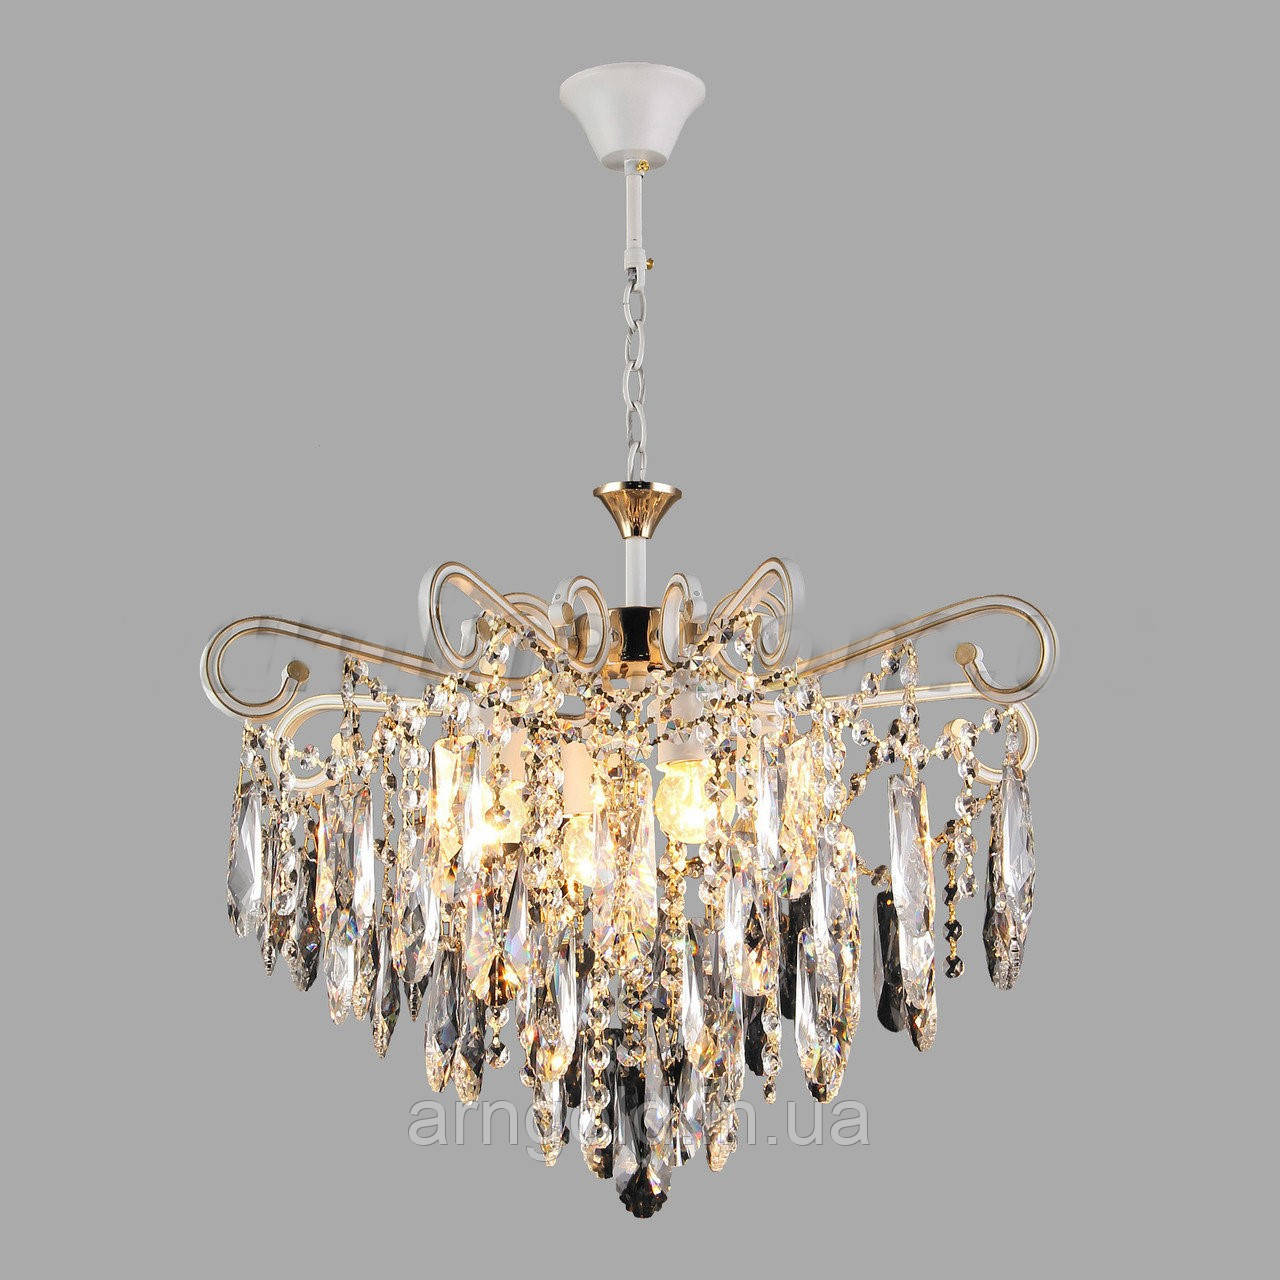 Люстра подвесная хрустальная на четыре лампы 3-E1712/4 D530